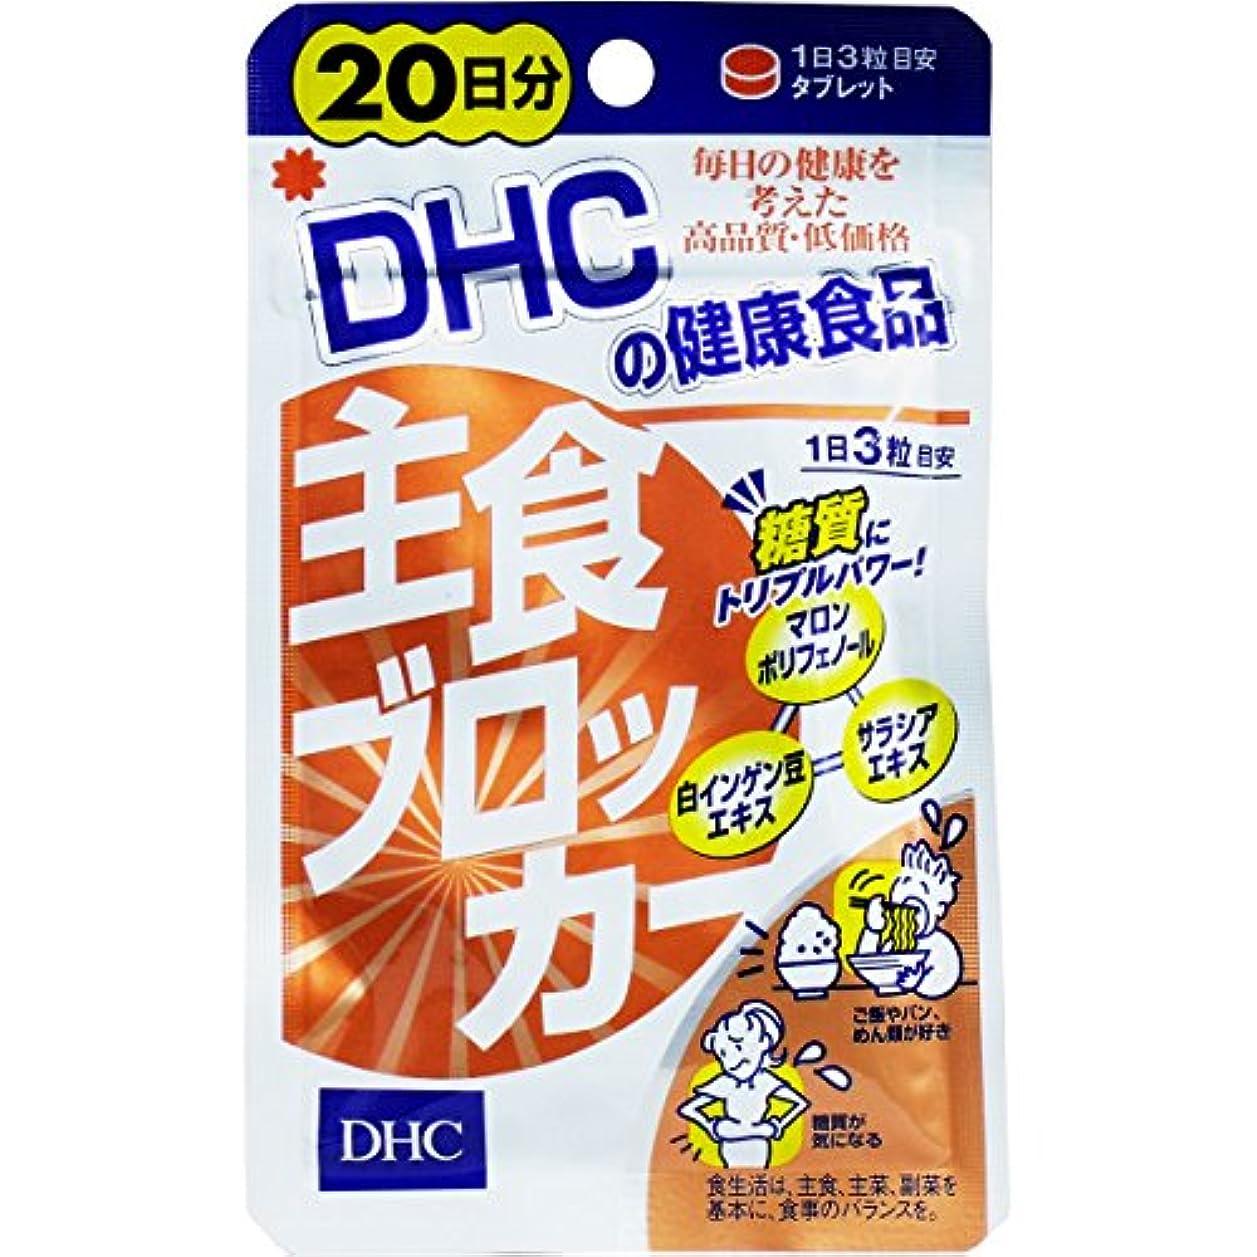 究極のフライト実際のダイエット トリプルパワーでため込み対策 栄養機能食品 DHC 主食ブロッカー 20日分 60粒入【4個セット】